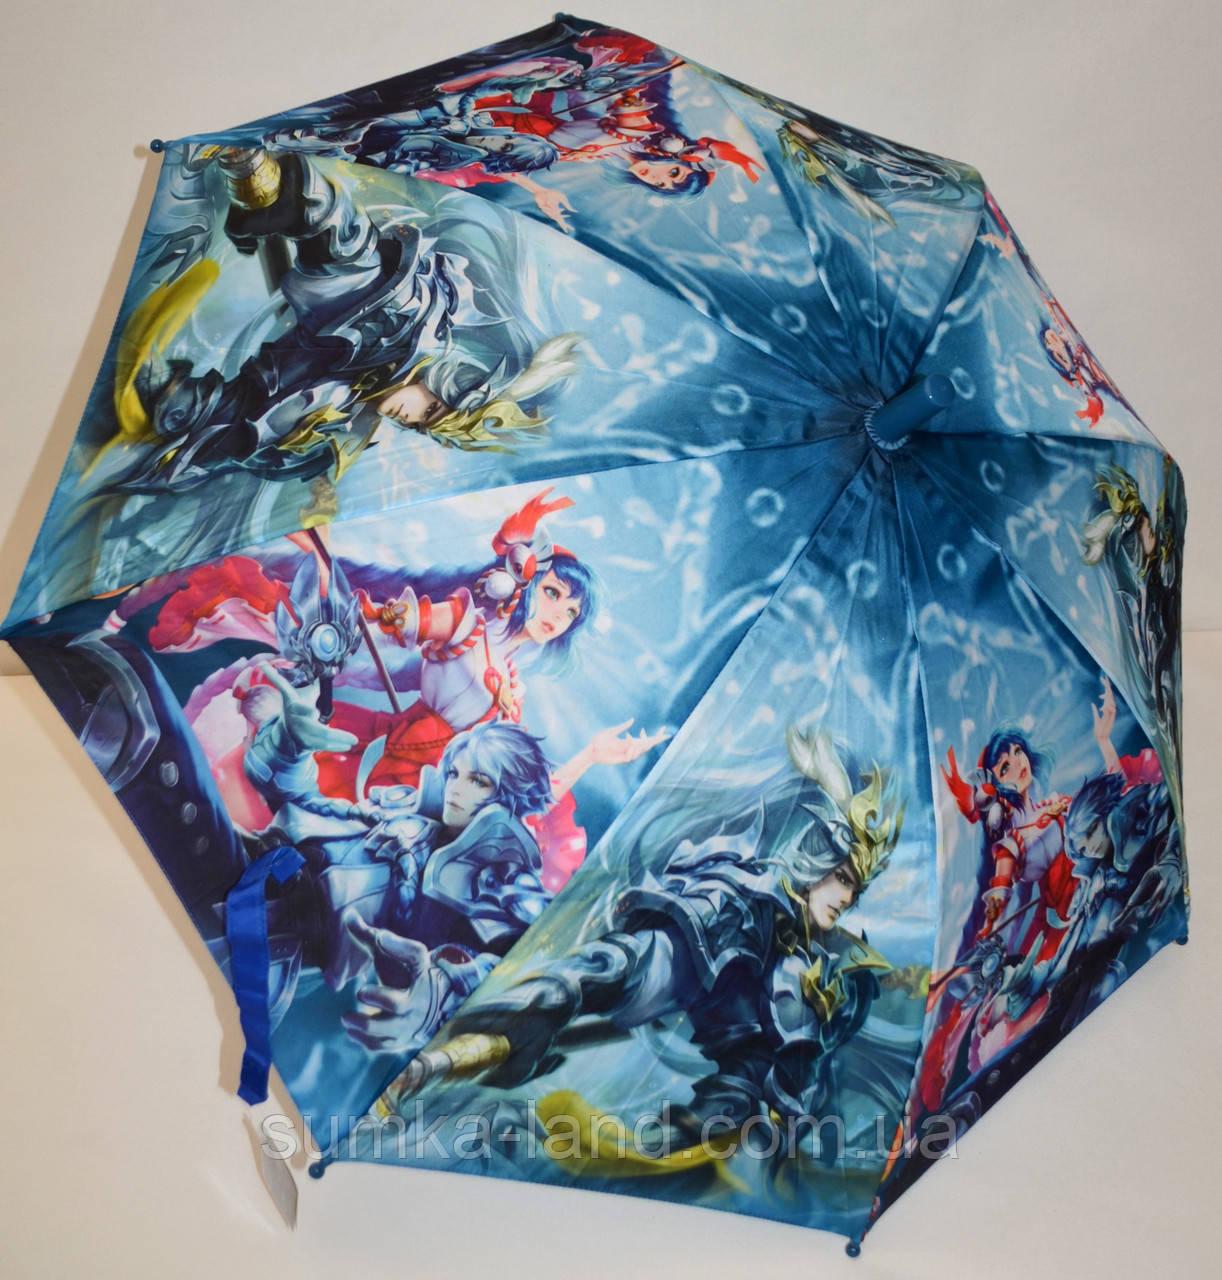 Детский зонт-трость Fiaba на 8 спиц для мальчиков и девочек